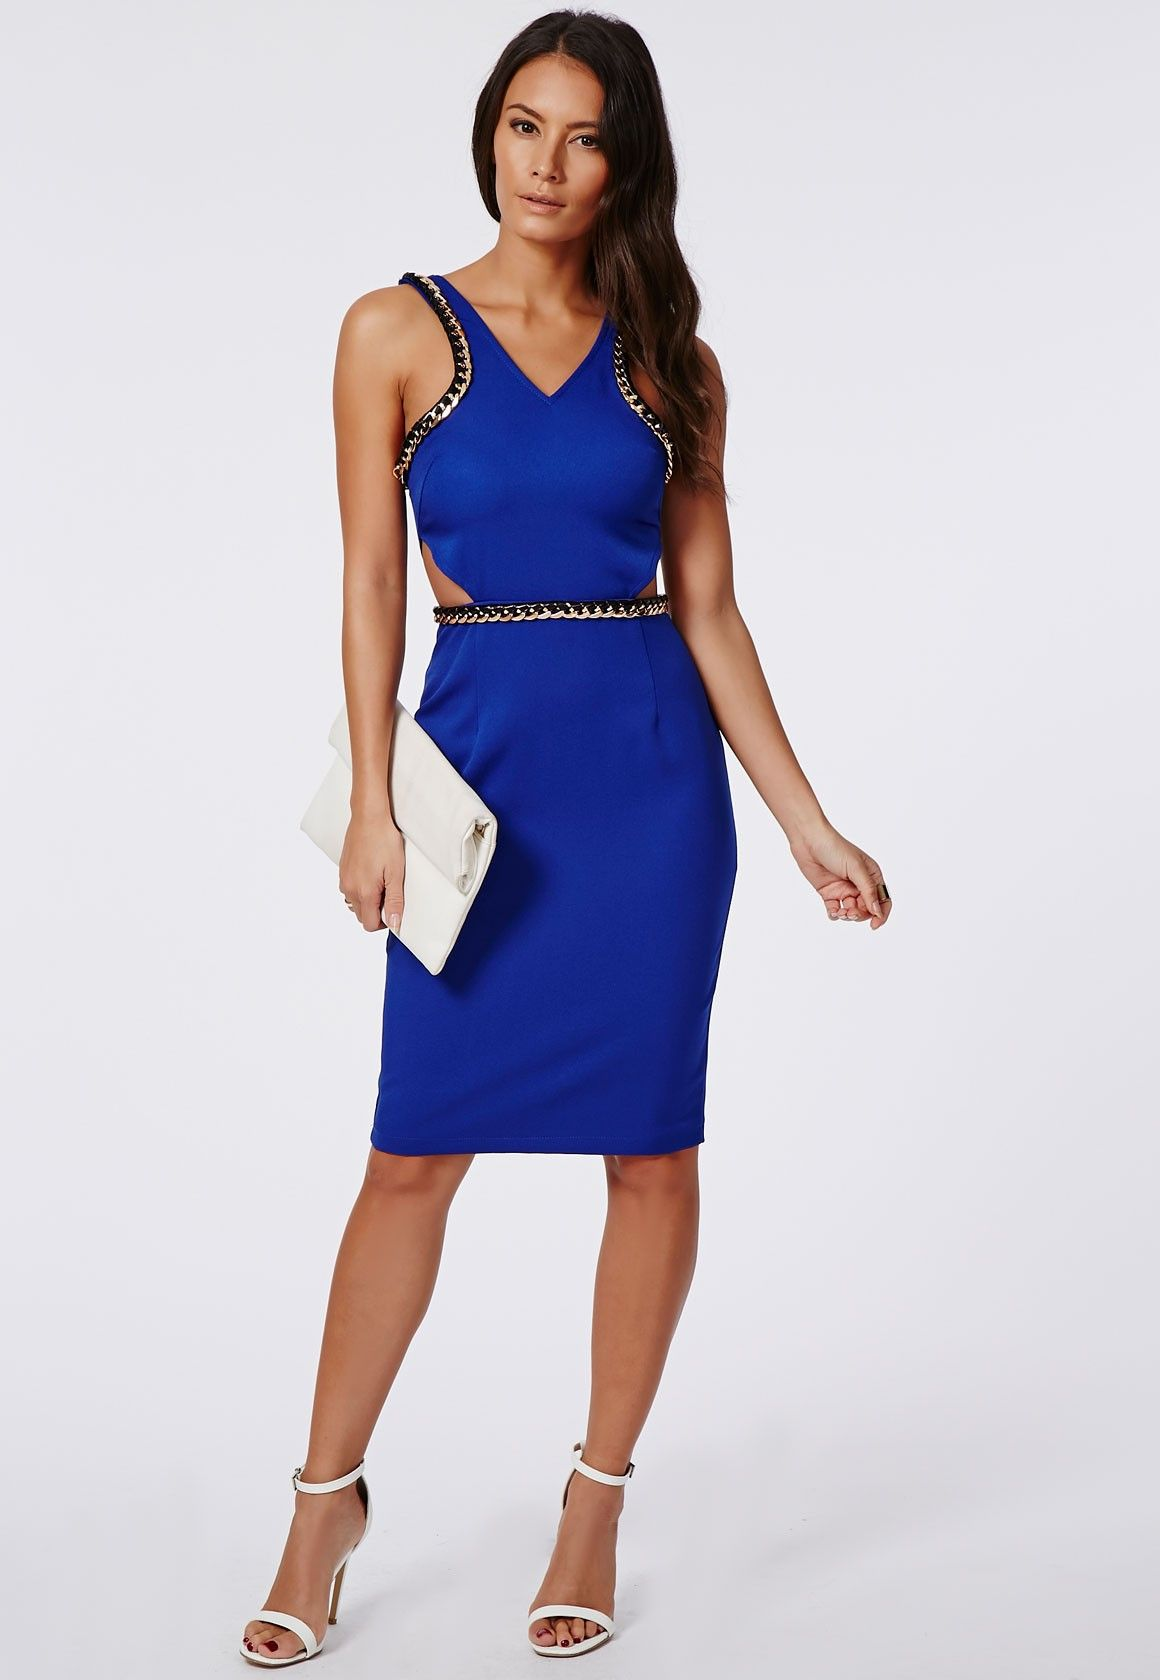 Medium Crop Of Cobalt Blue Dress